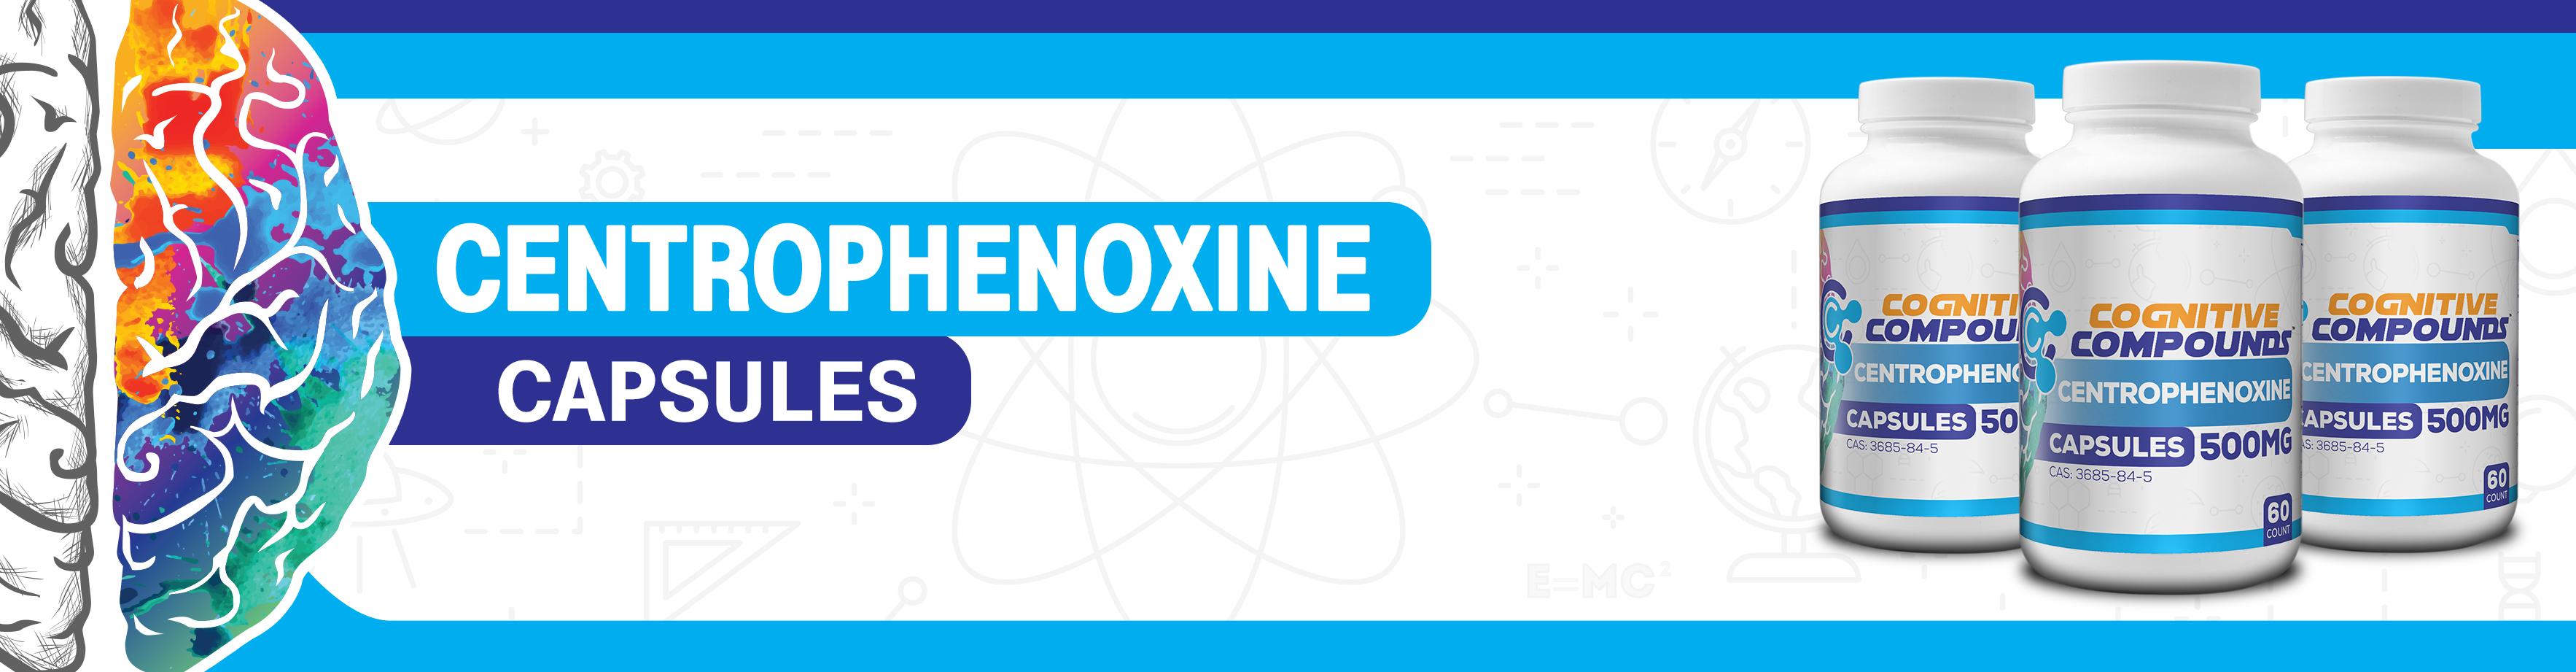 centrophenoxine.jpg